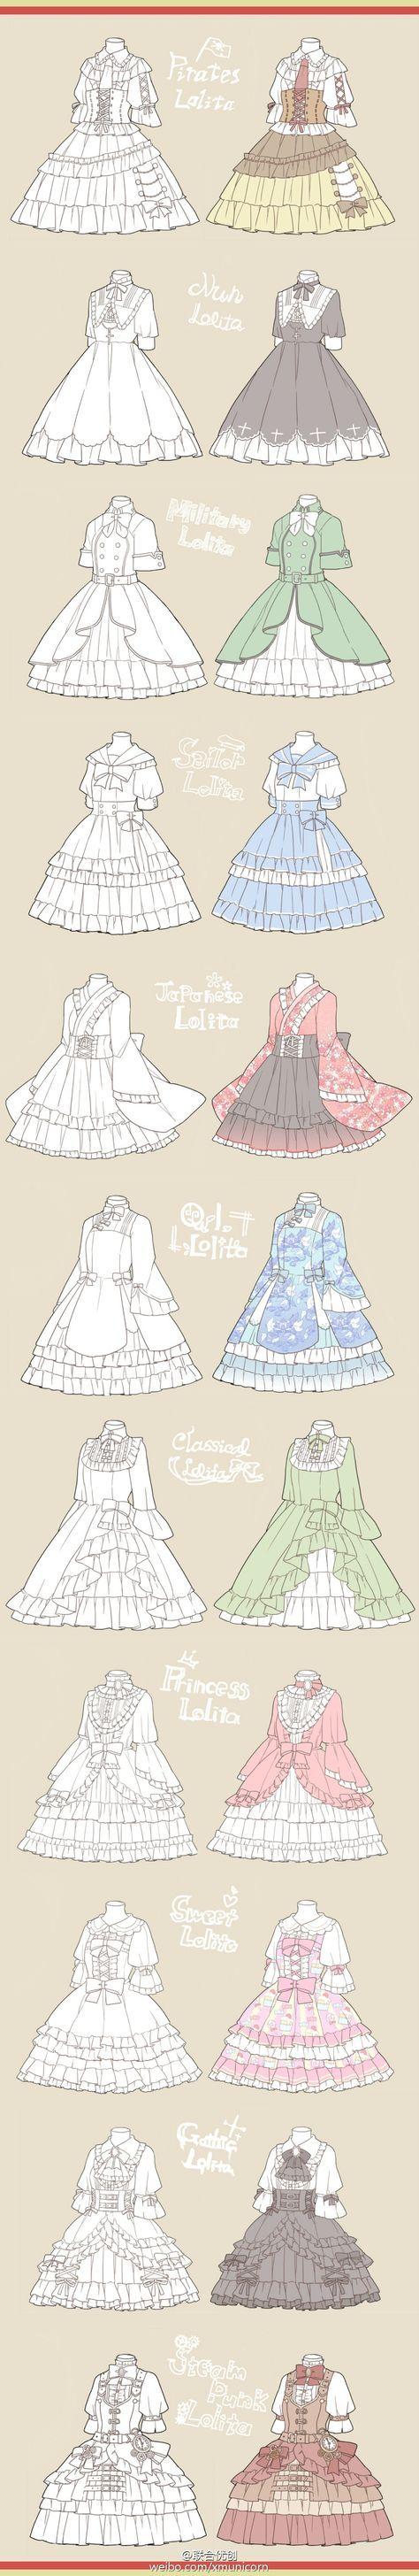 드레스 디자인